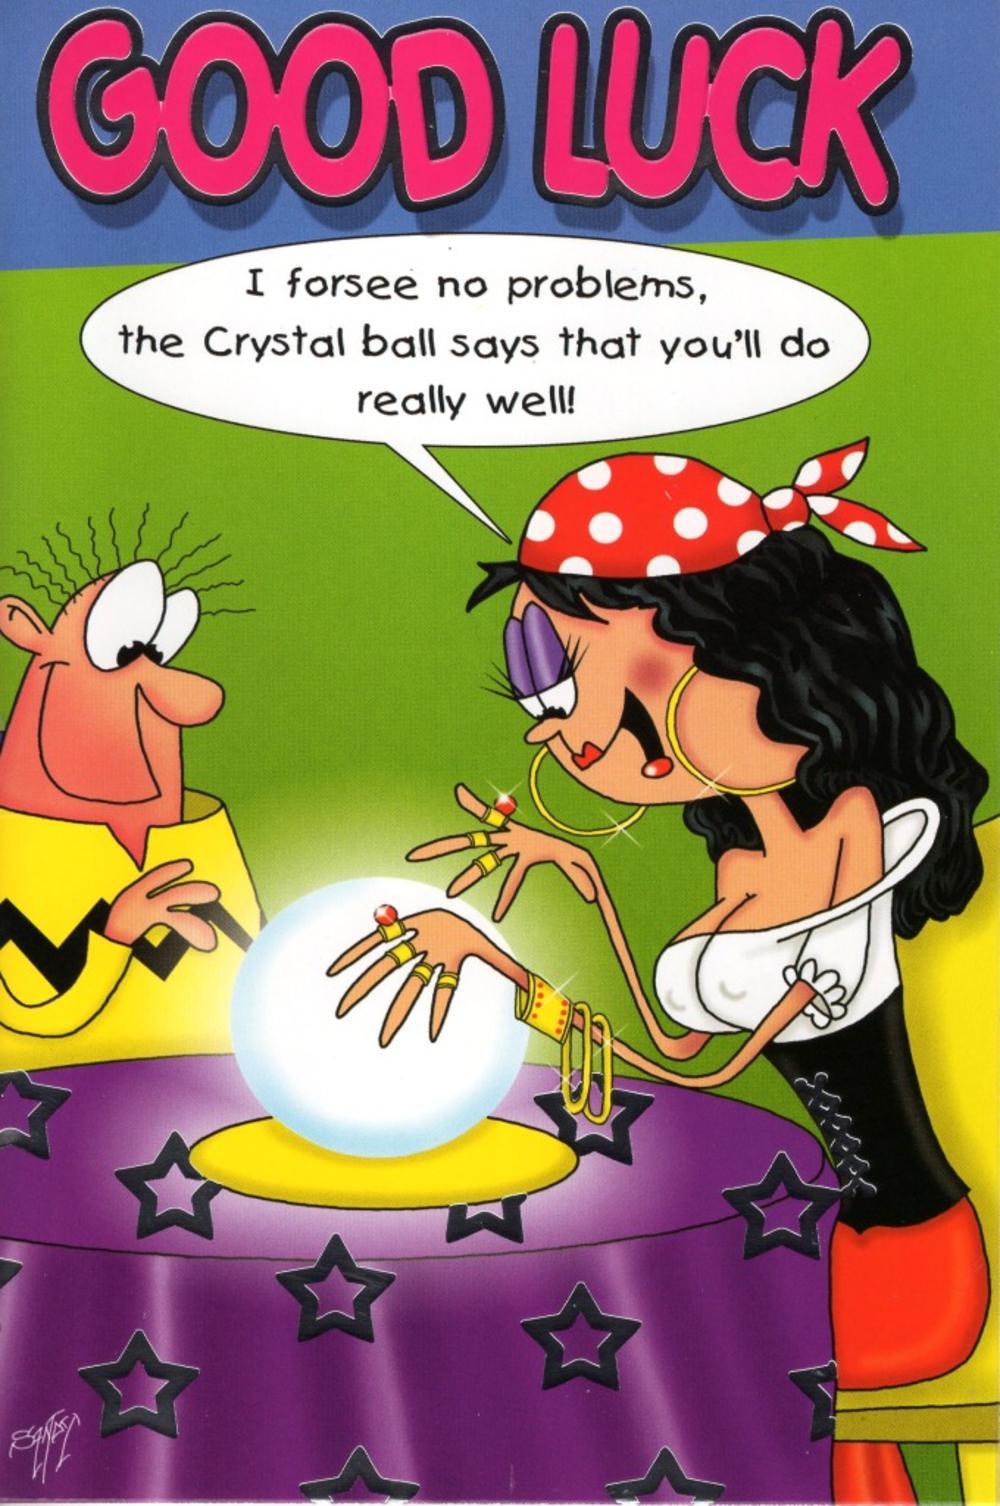 Good Luck Funny Good Luck Funny Crystal Ball